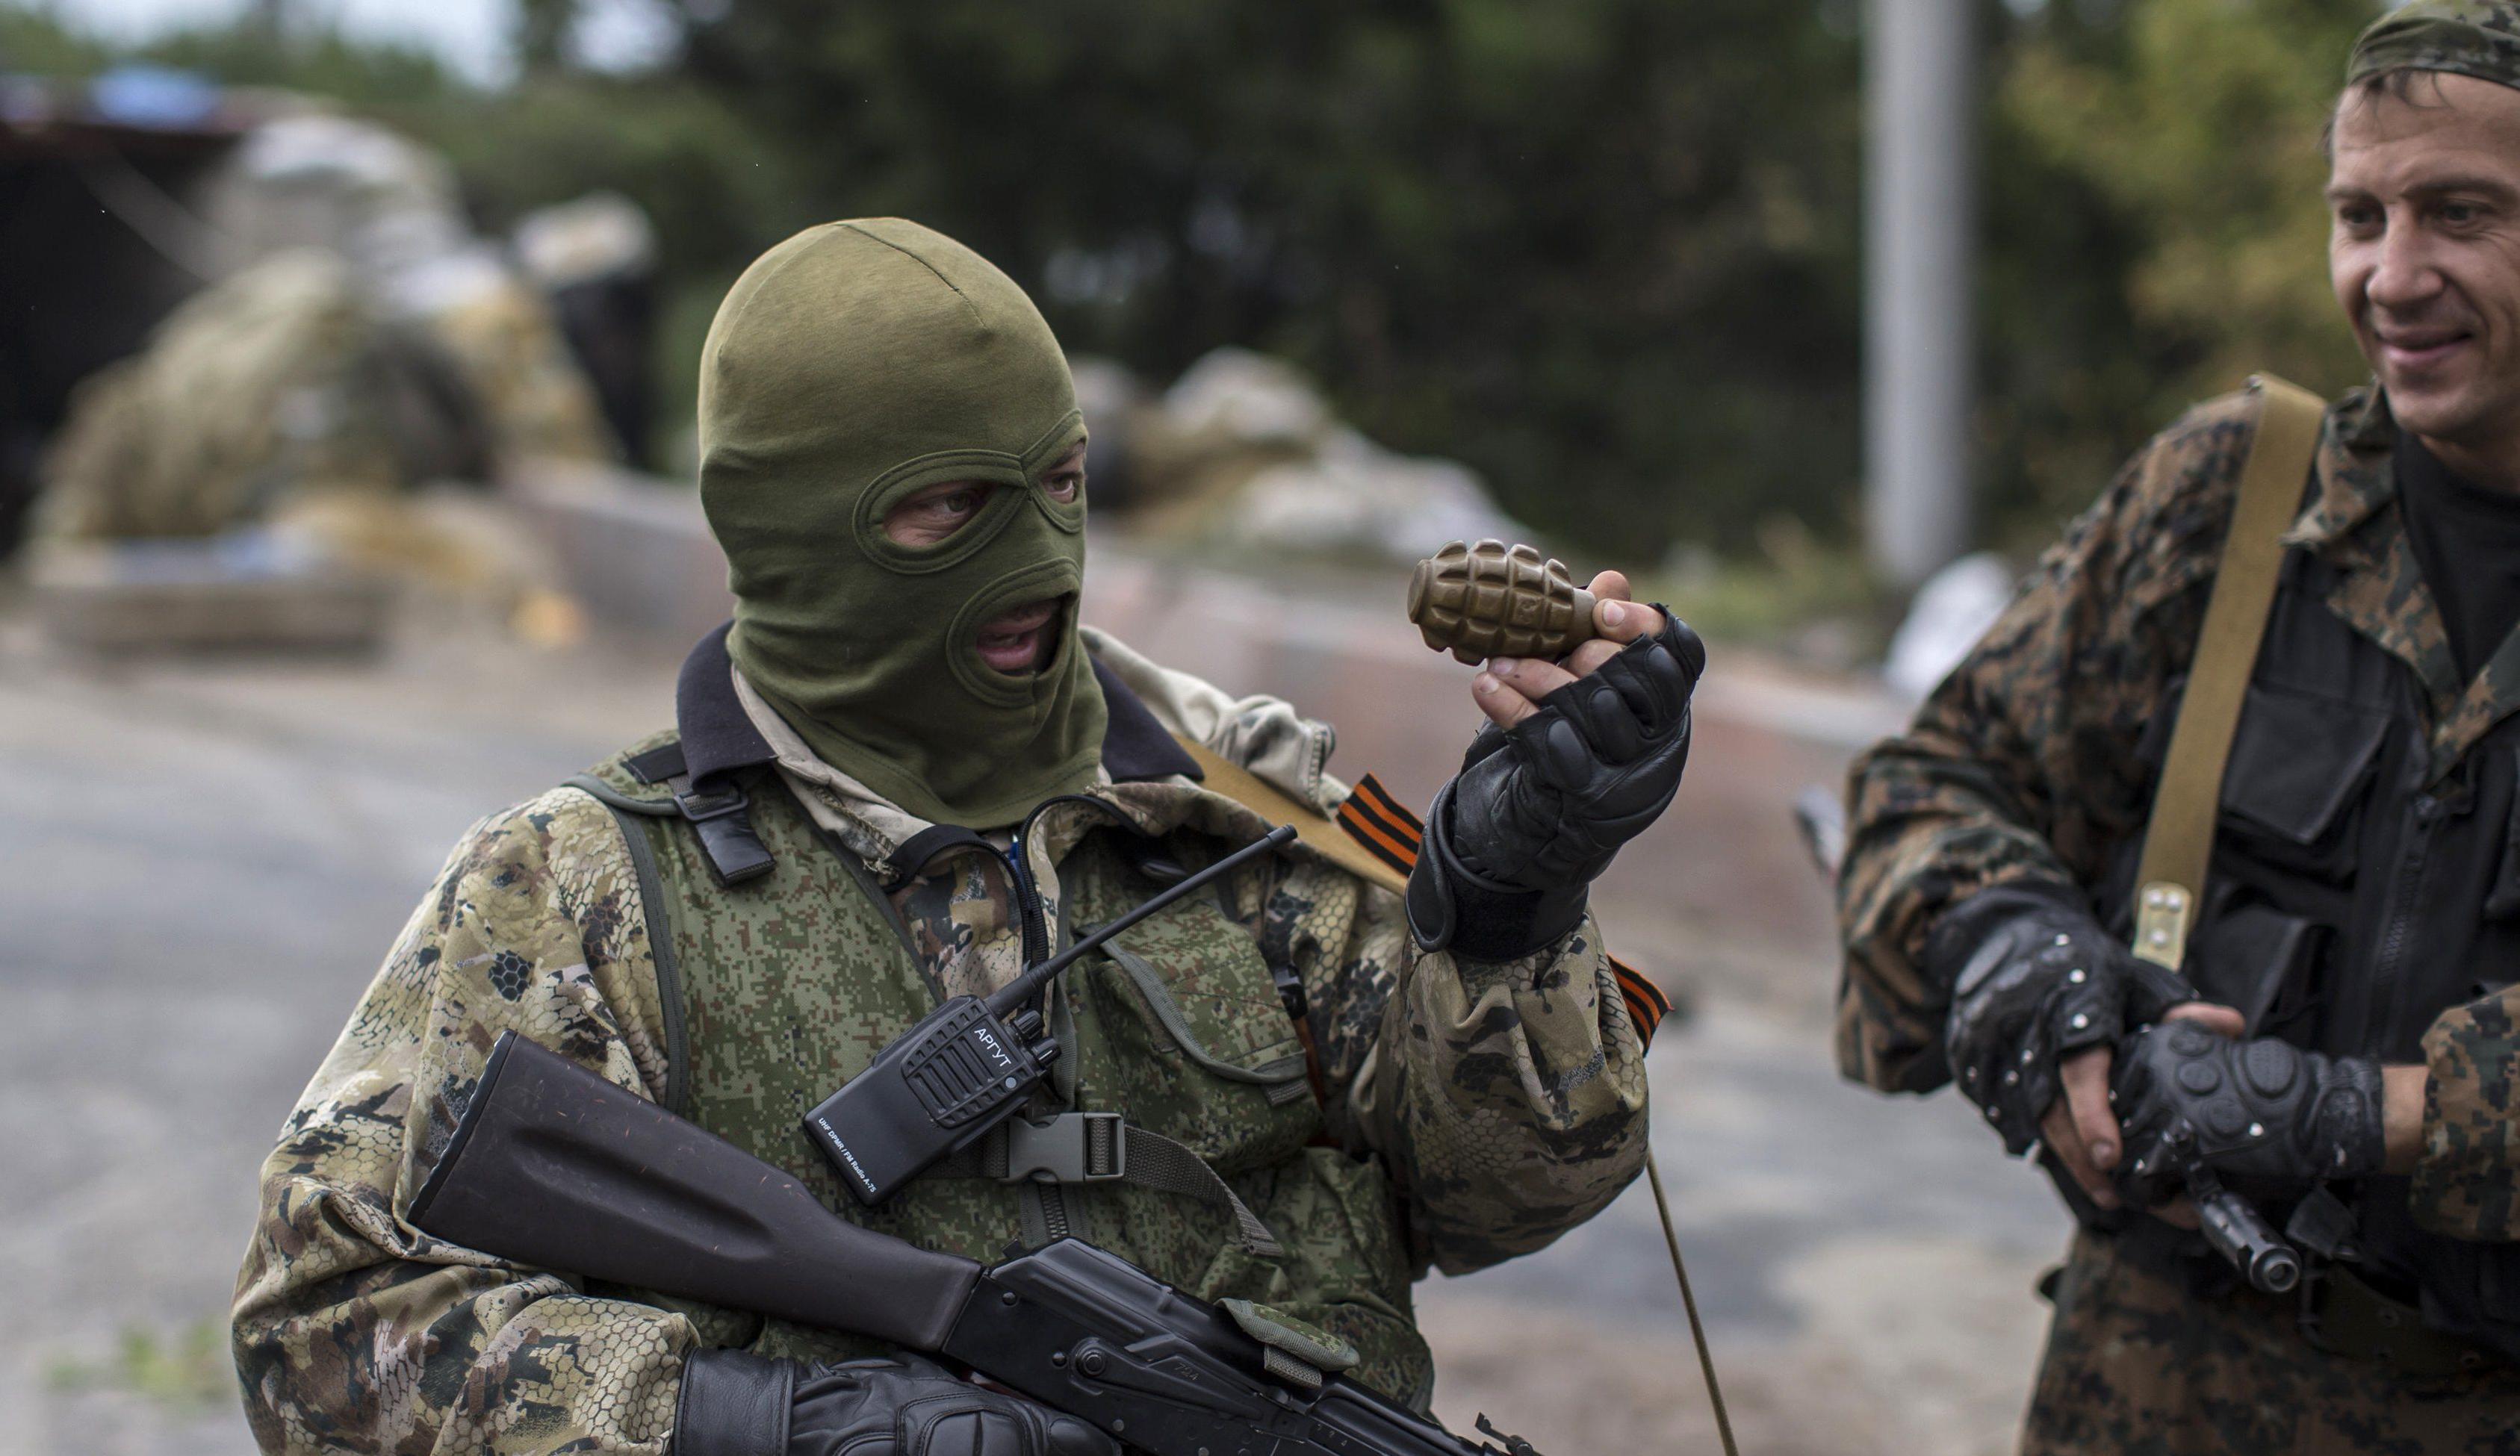 Операция Объединенных сил набирает обороты: за сутки на Донбассе бойцы ВС Украины нейтрализовали 4 российских боевиков